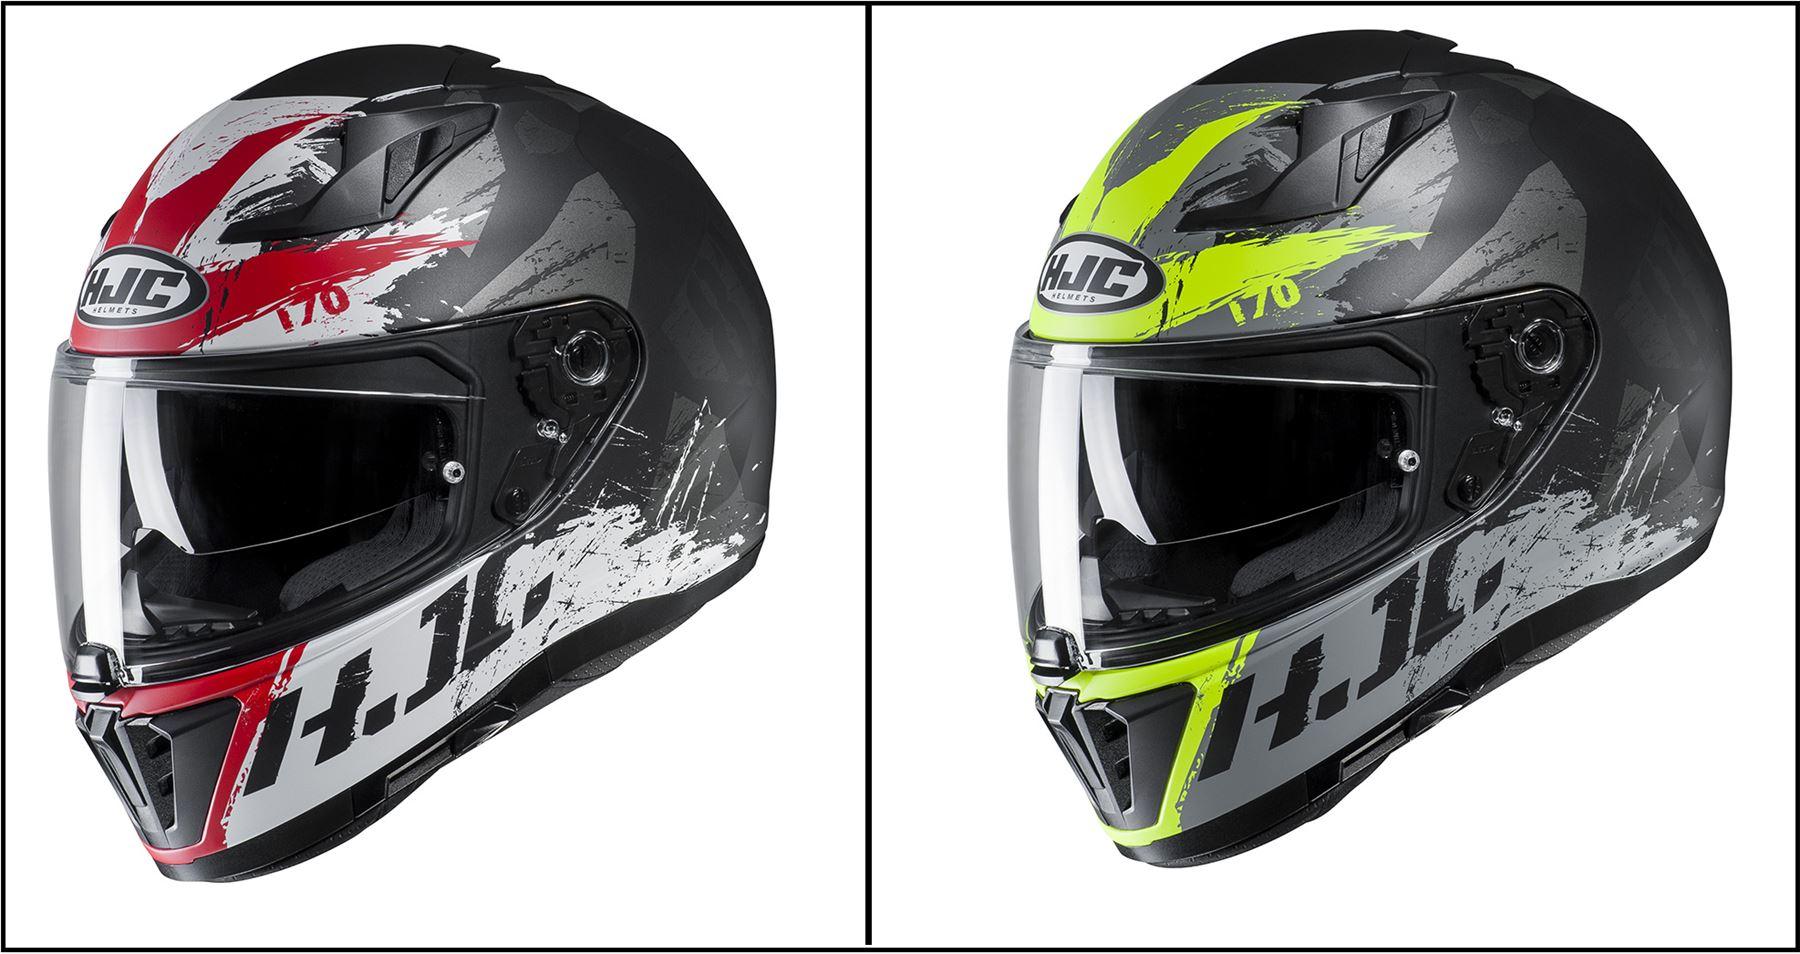 Casco para Motociclista con Visera Abatible Sleek XL